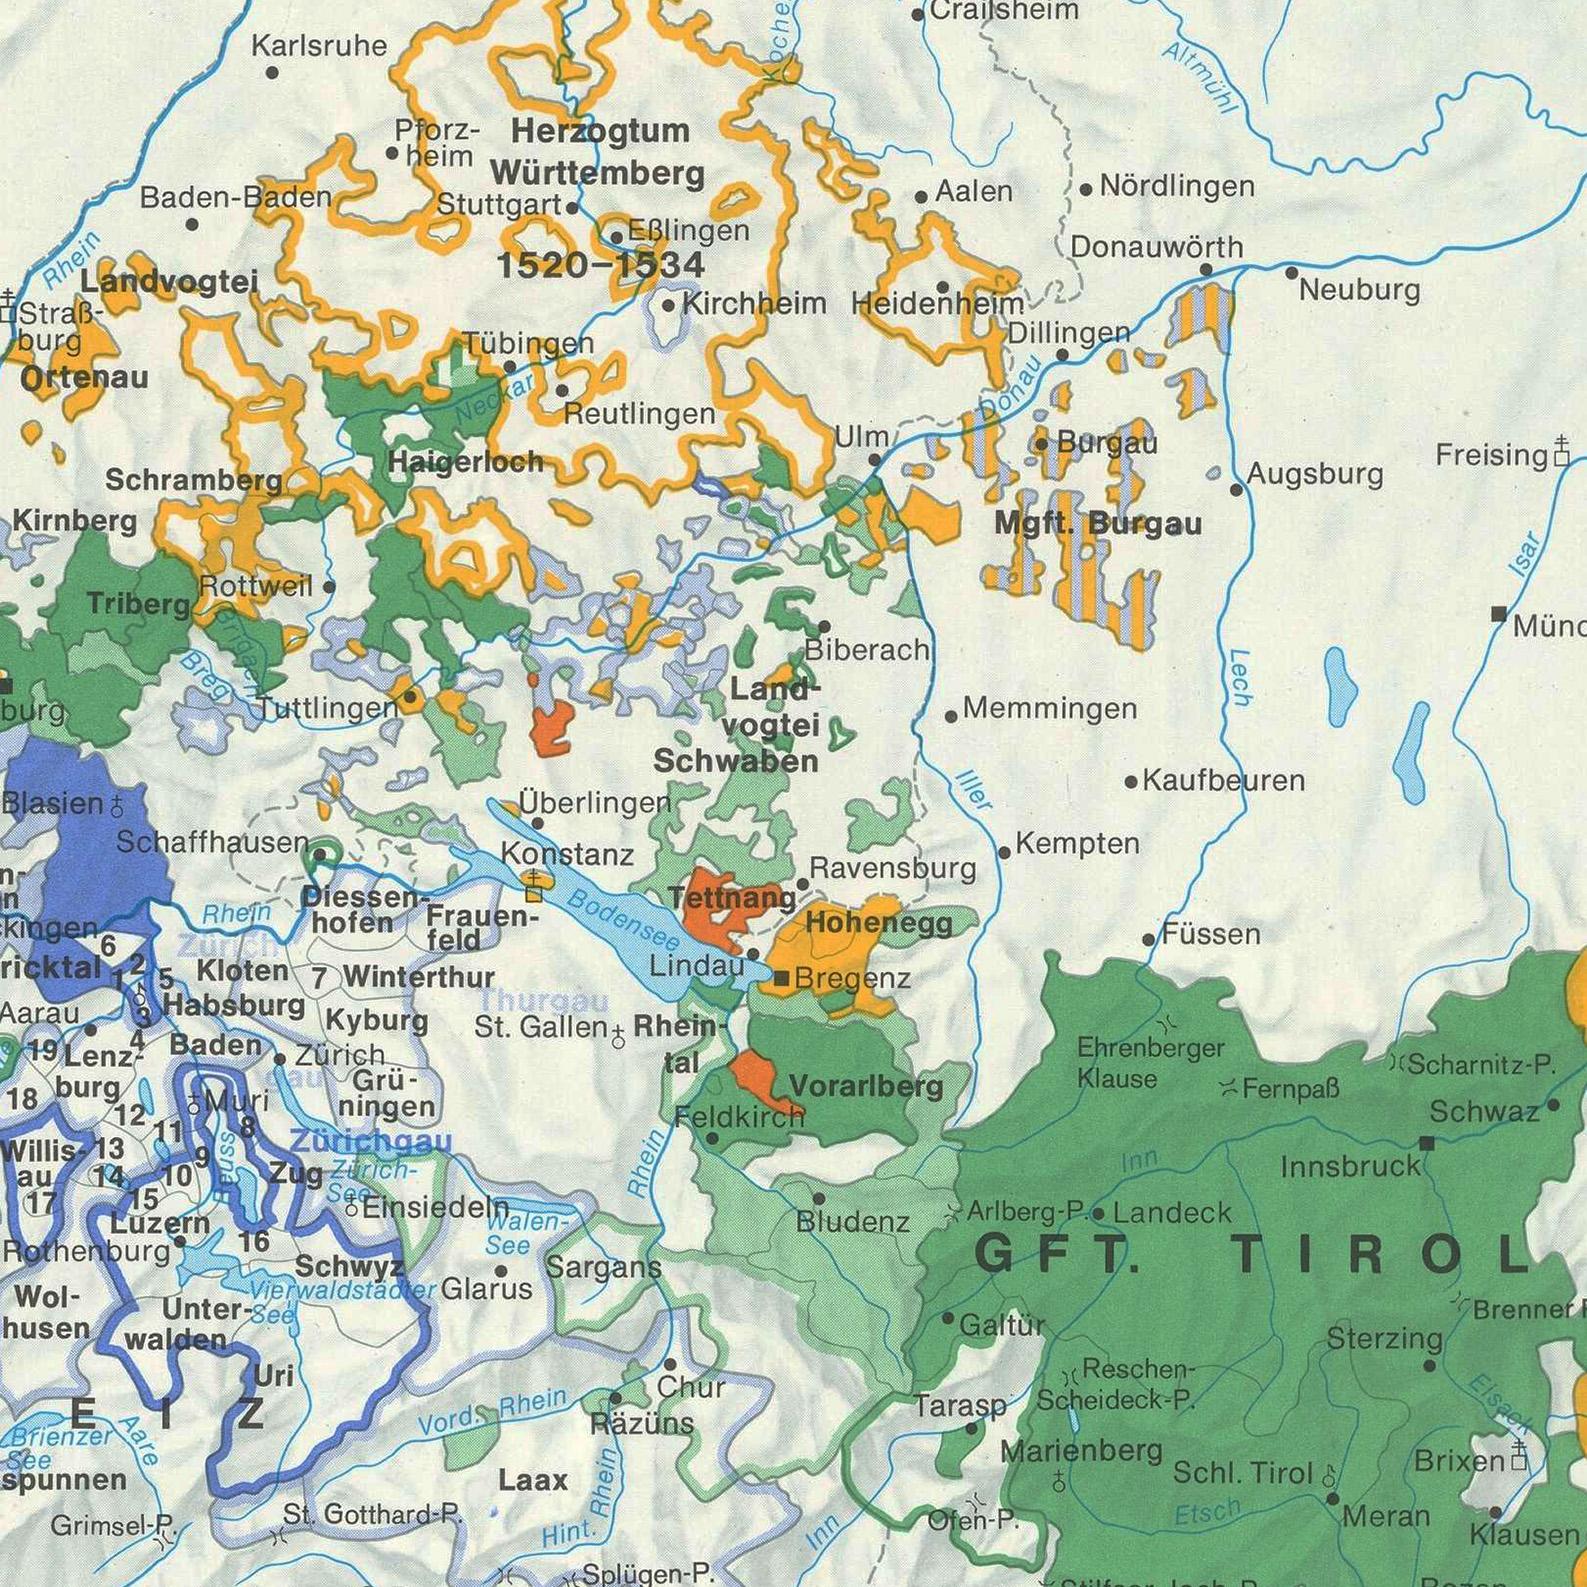 Alte Karte Deutschland 1940.Historischer Atlas Von Baden Württemberg Leo Bw